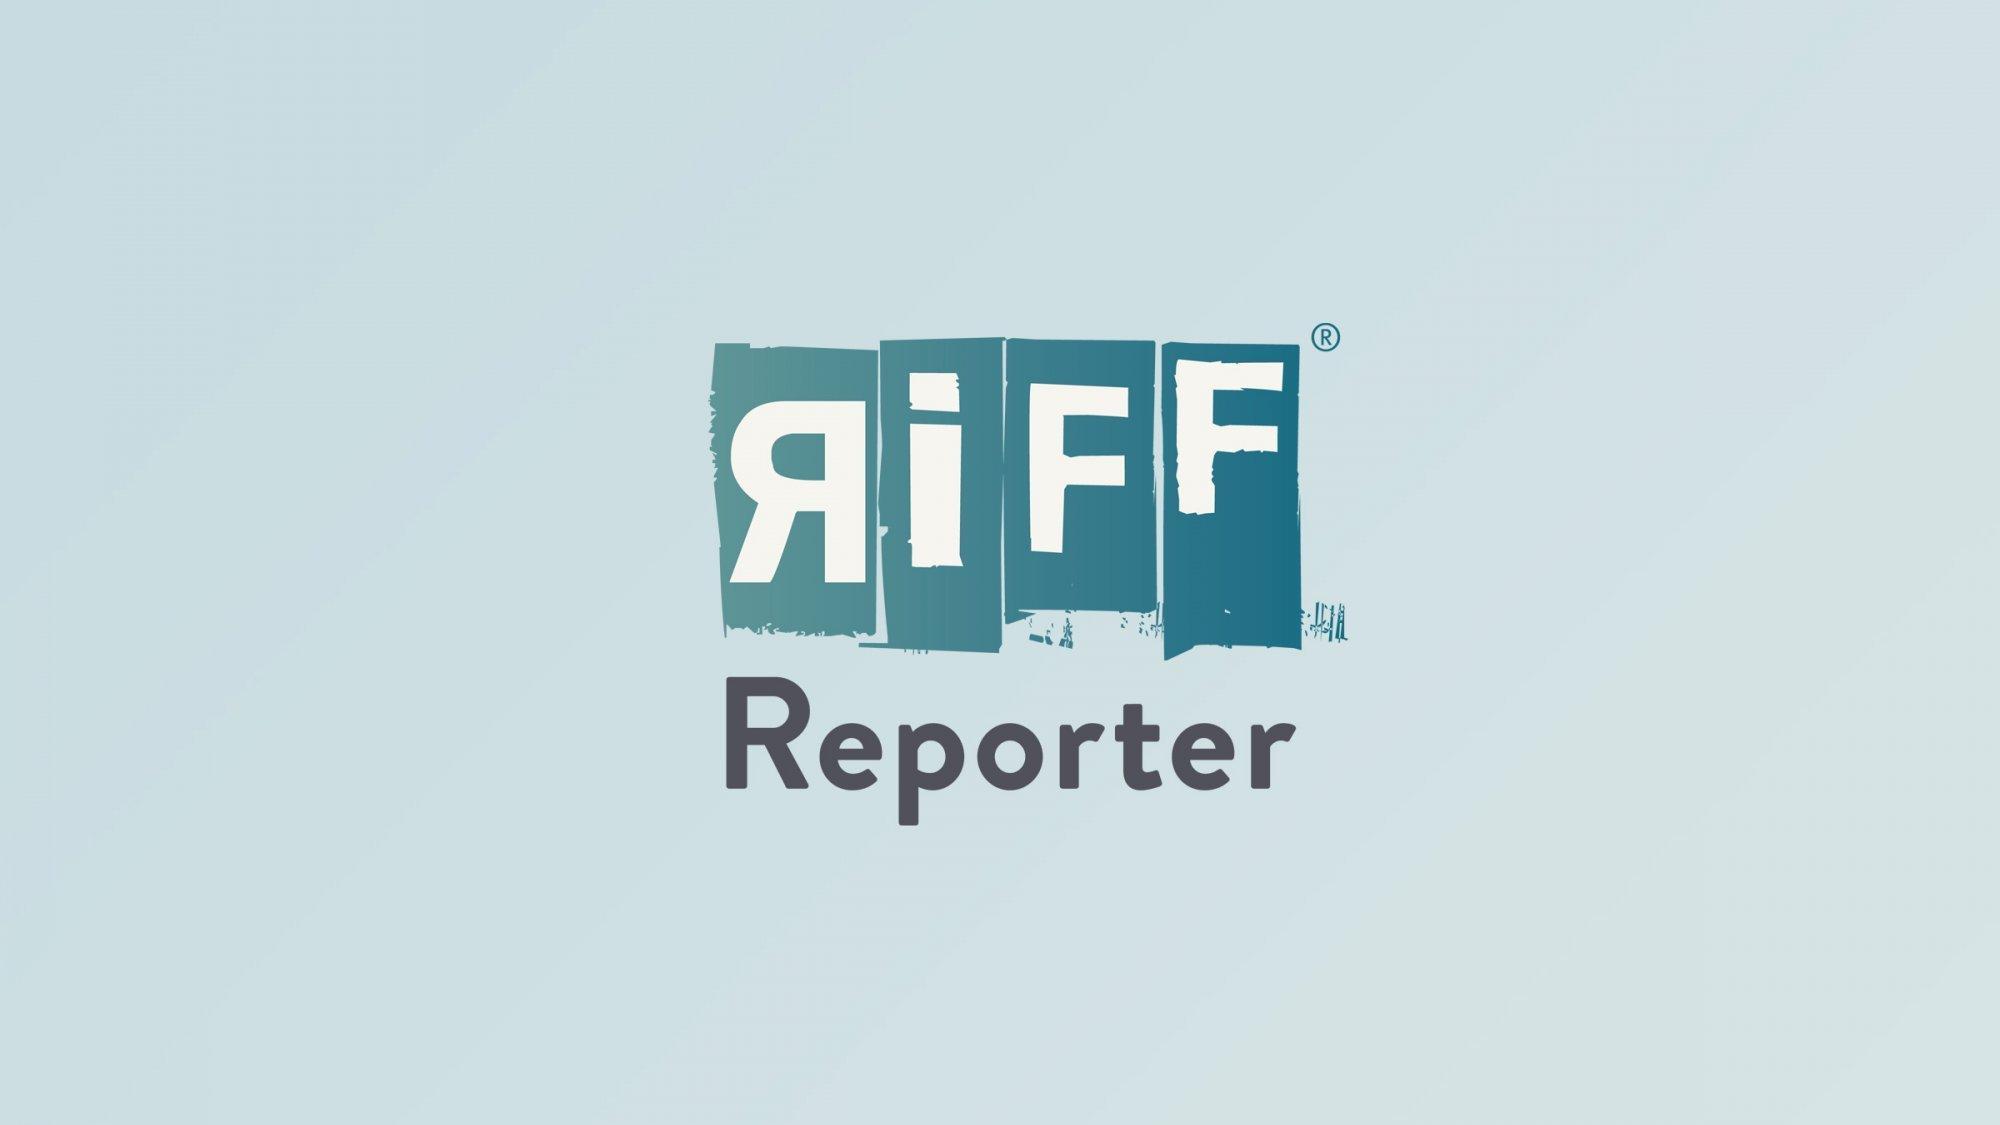 Ein Bücherregal mit einer Vielzahl von Bänden